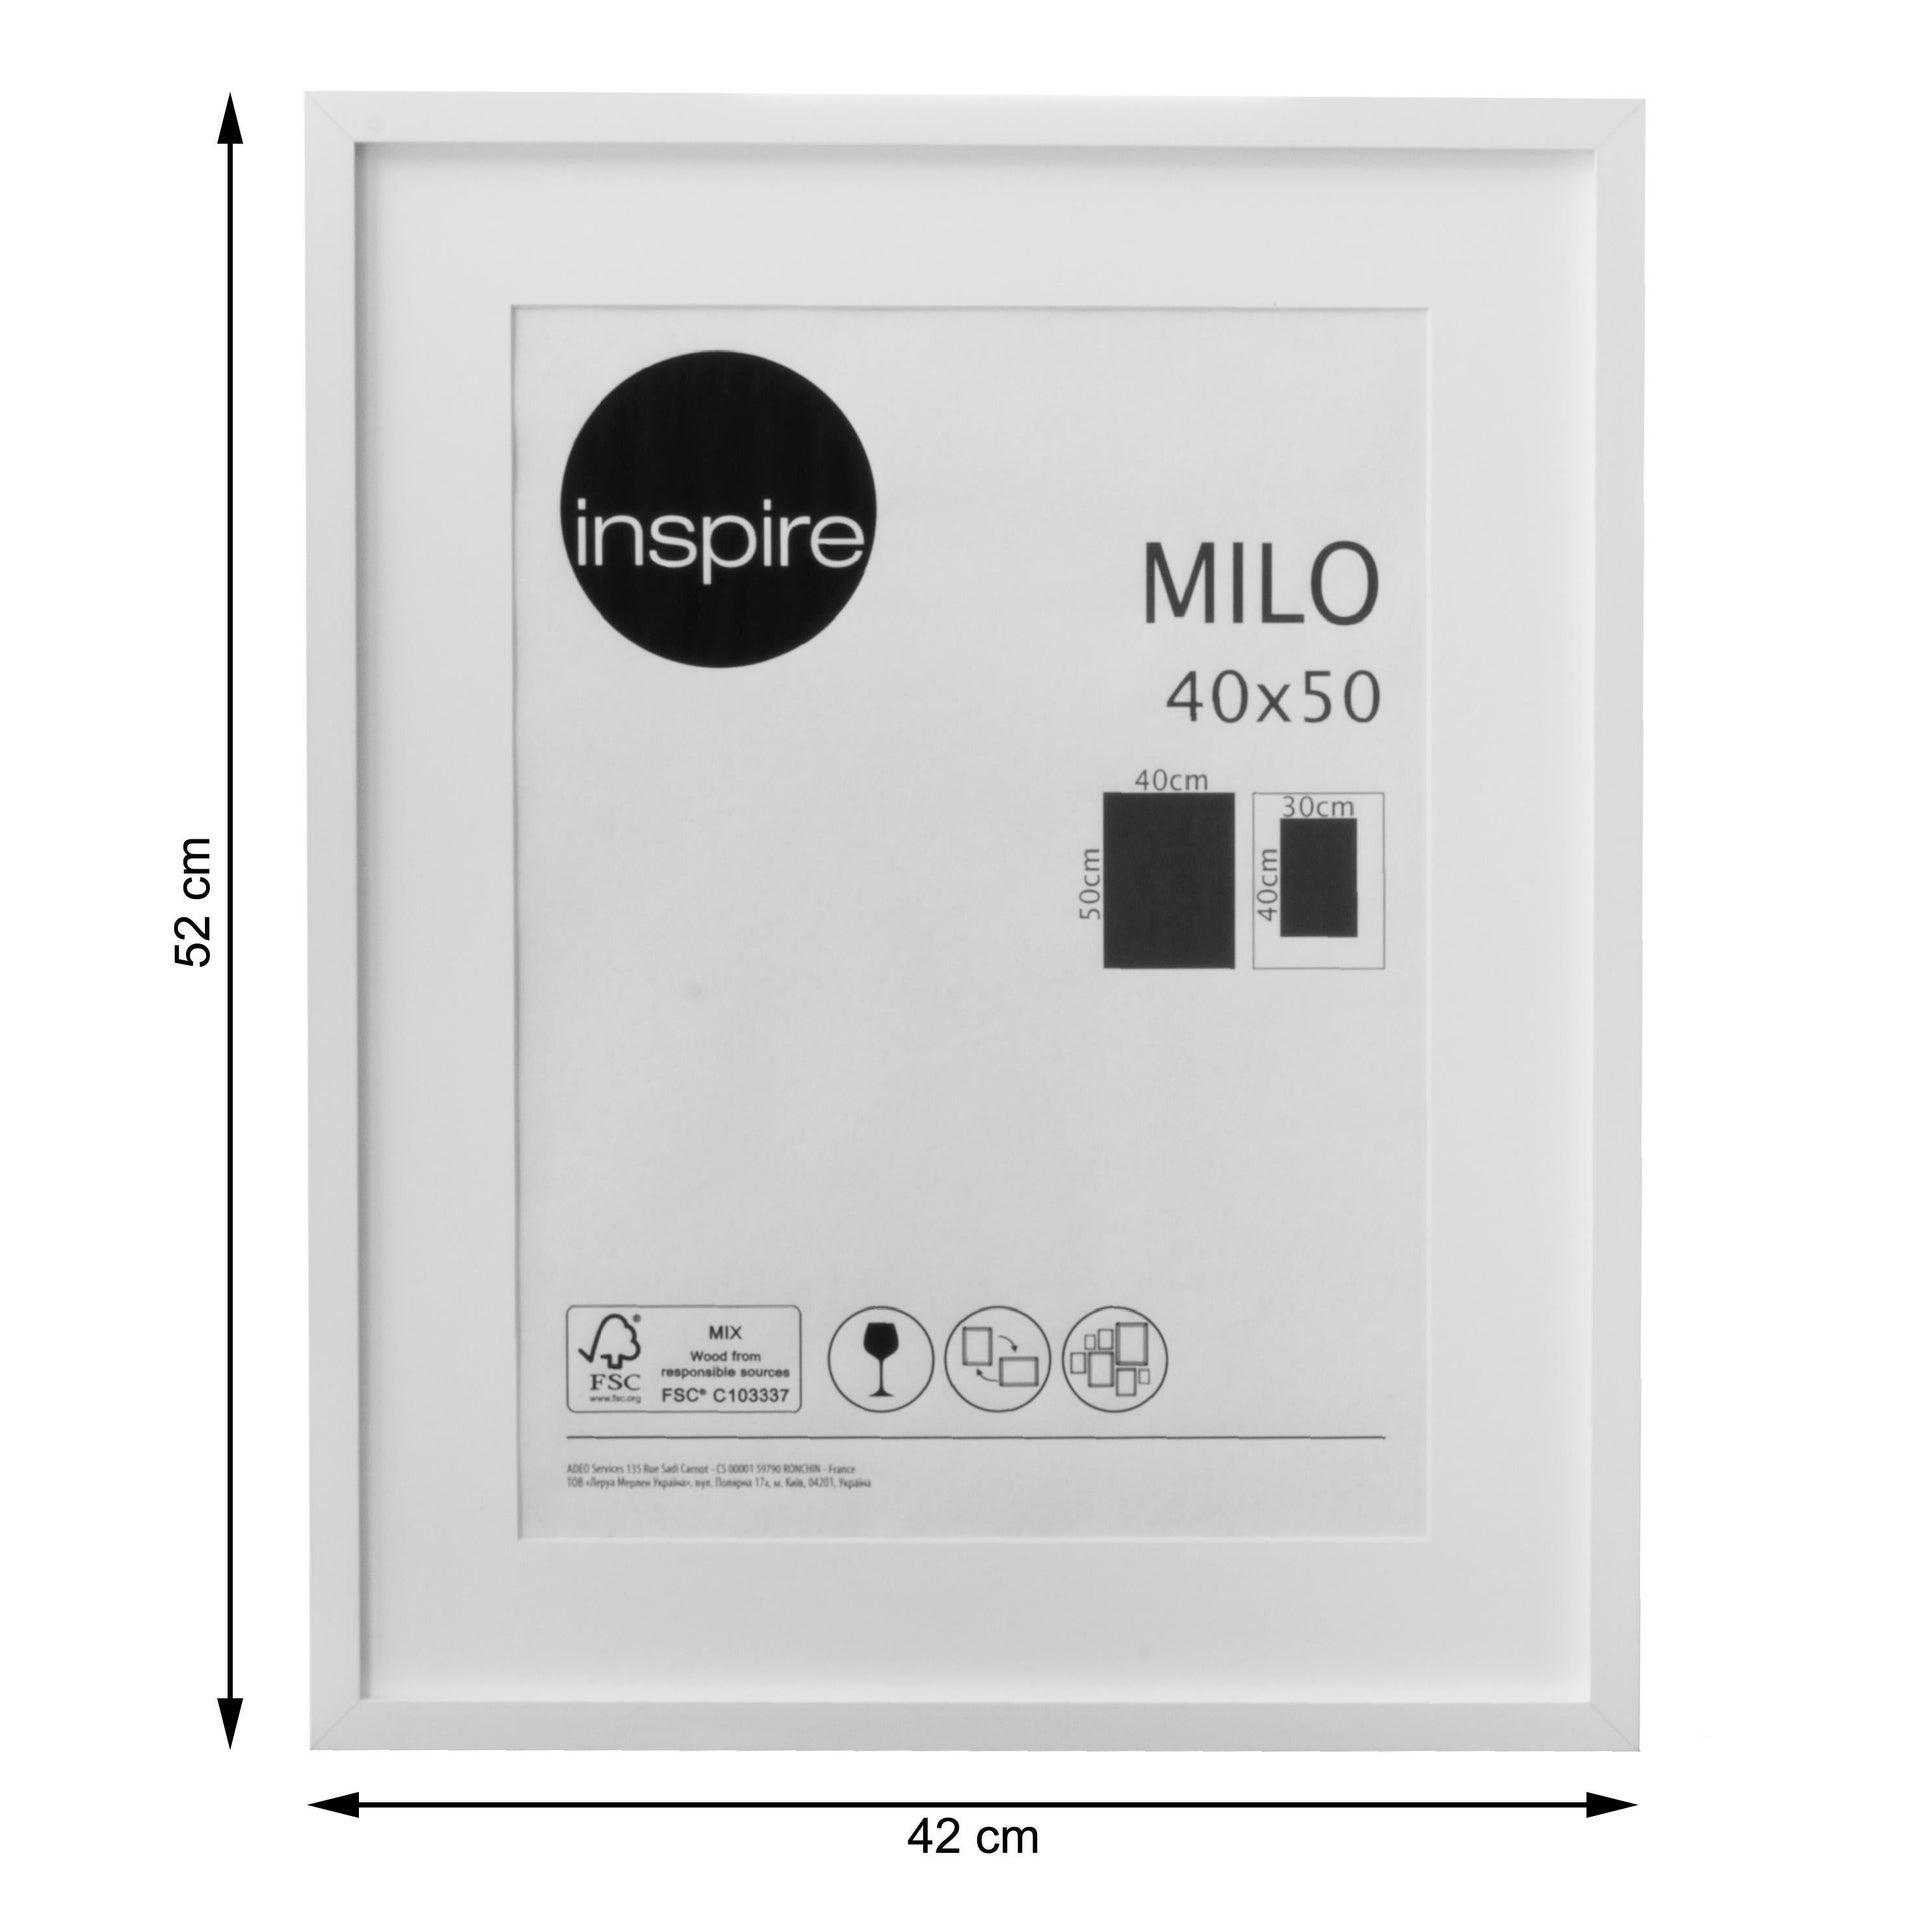 Cornice con passe-partout Inspire milo bianco 40x50 cm - 4